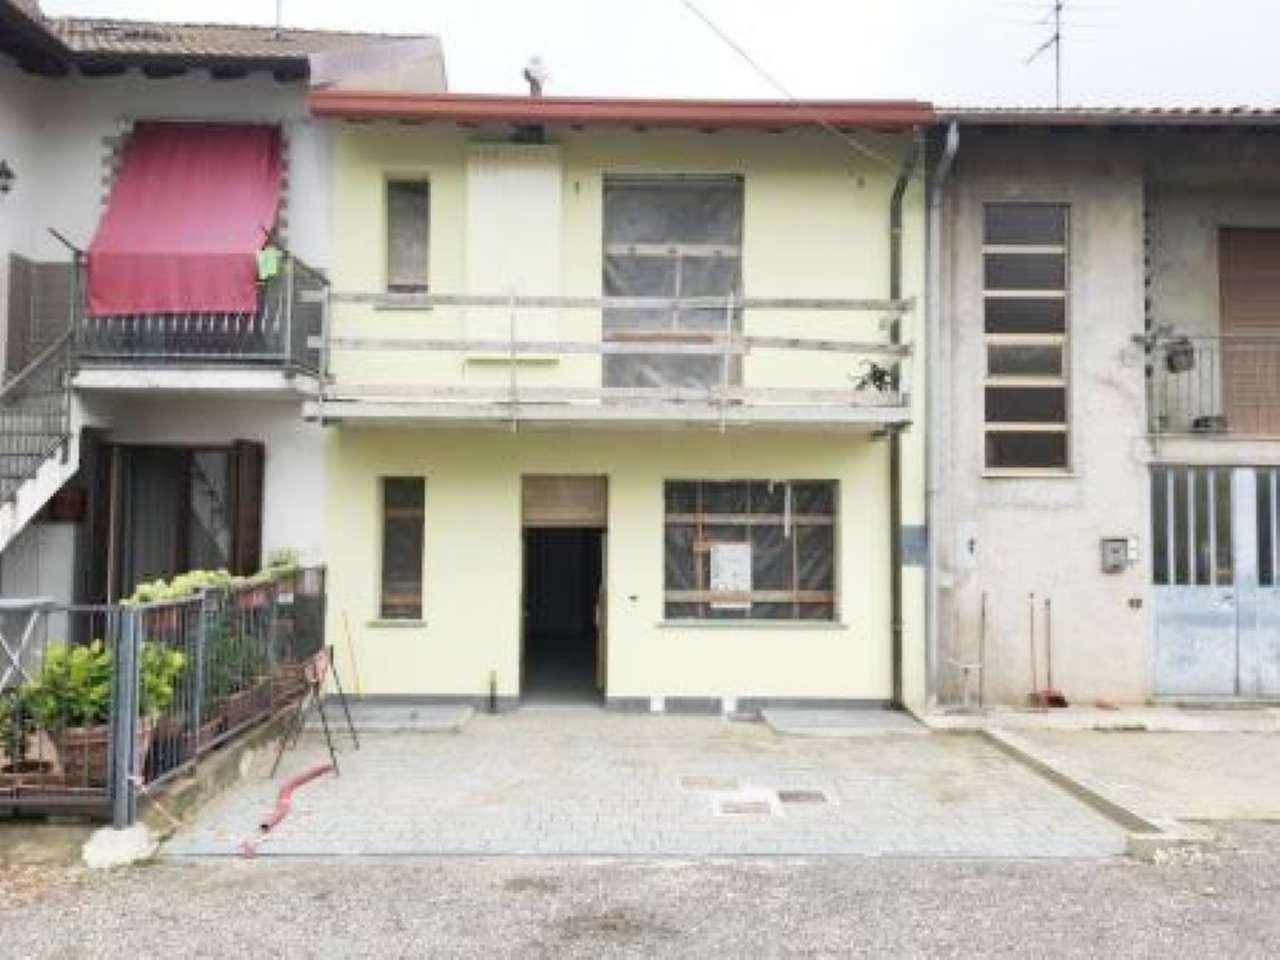 Soluzione Semindipendente in vendita a Gerenzano, 3 locali, prezzo € 200.000 | CambioCasa.it